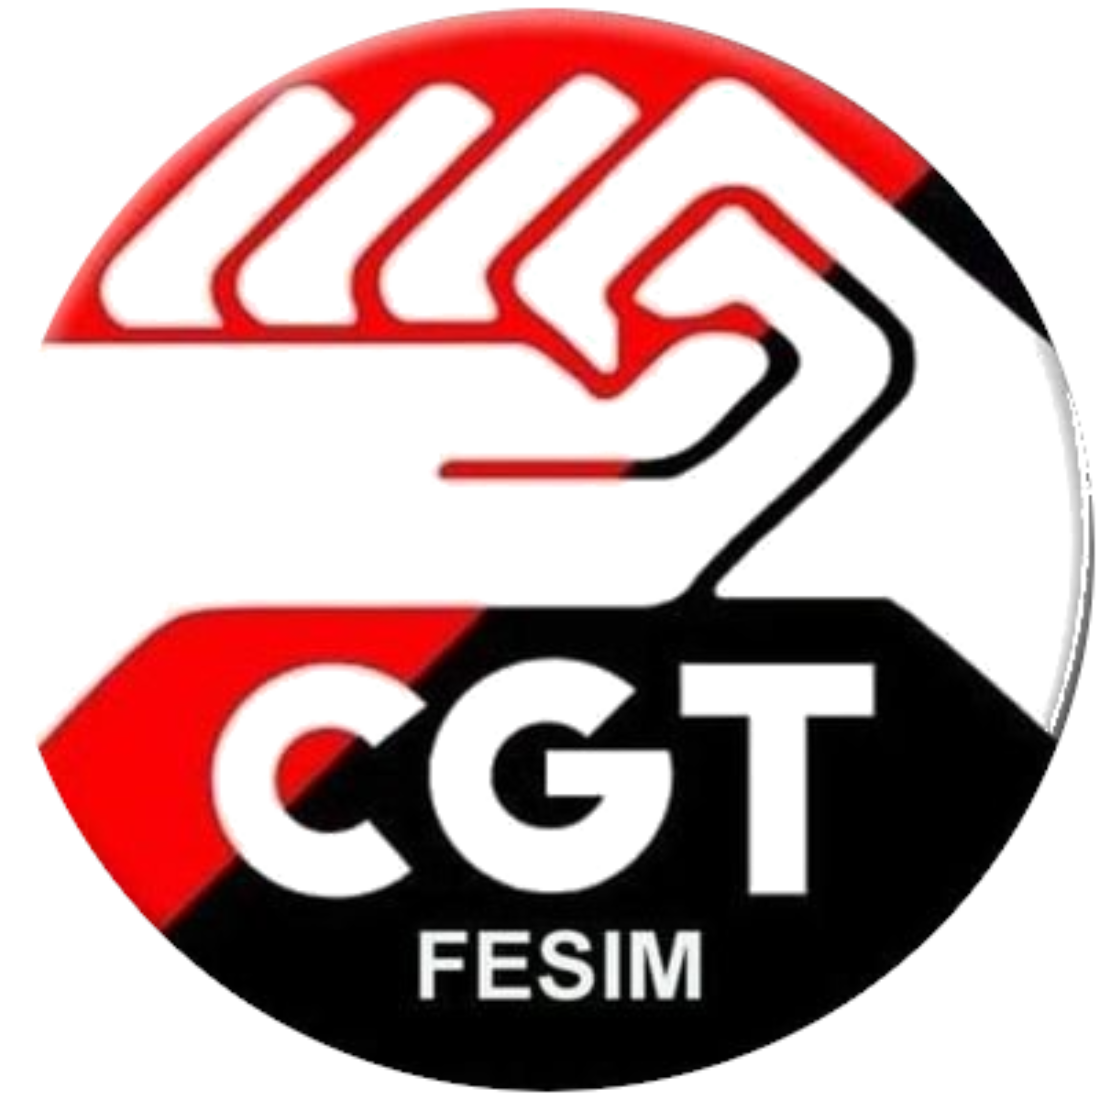 Las asambleas de CGT deciden por unanimidad no firmar el acuerdo de convenio en Renault